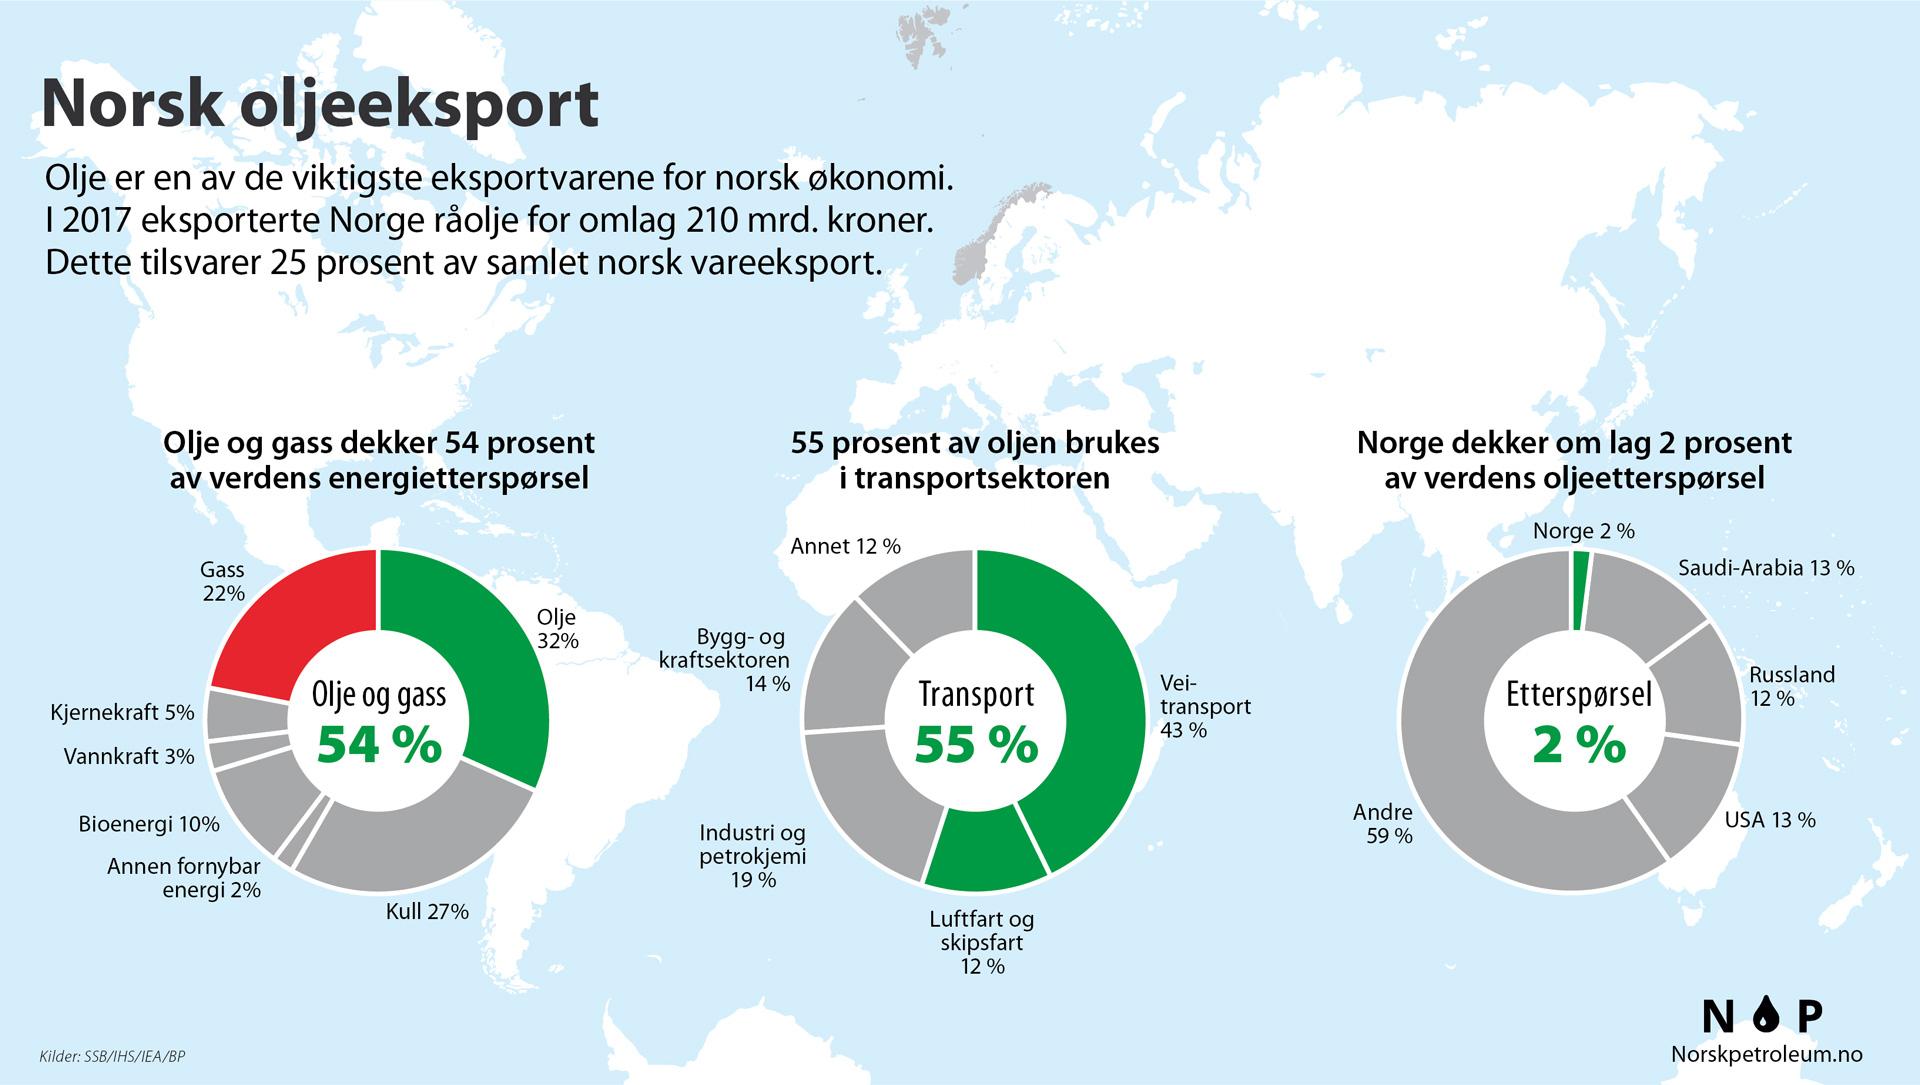 Eksportverdier Og Volumer Av Norsk Olje Og Gass